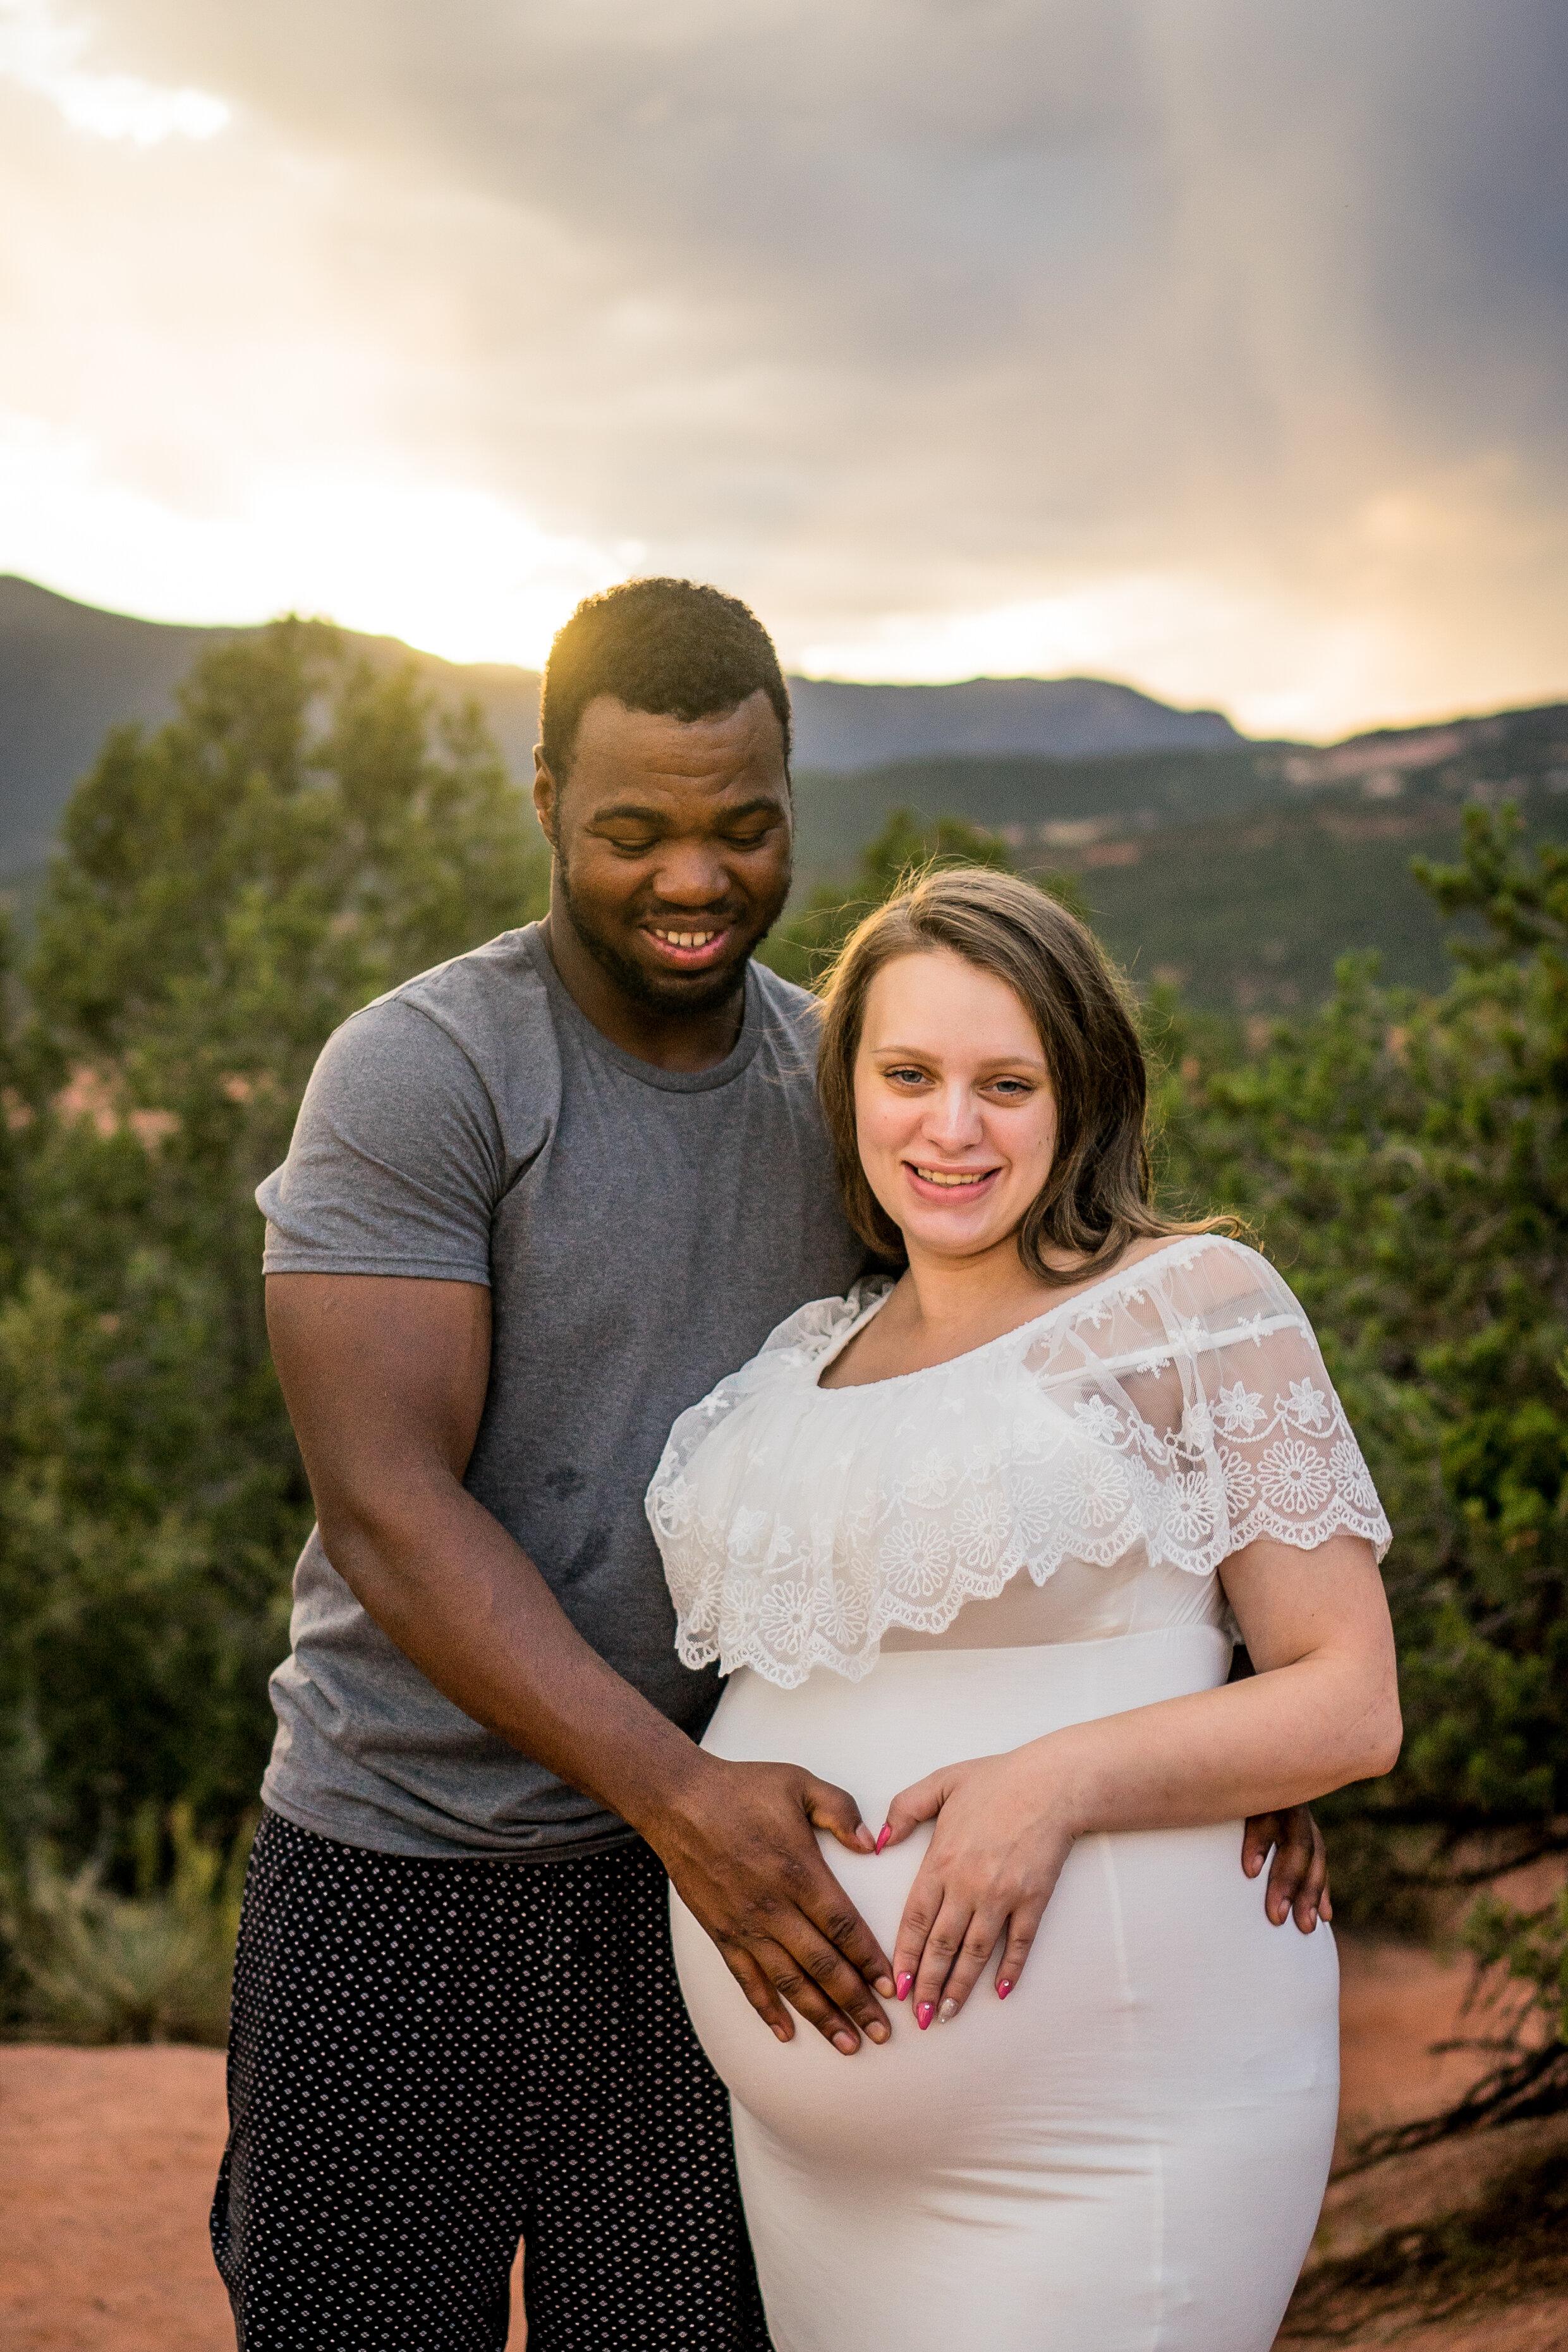 Colorado Springs Maternity Photography- Stephanie (18 of 22).jpg